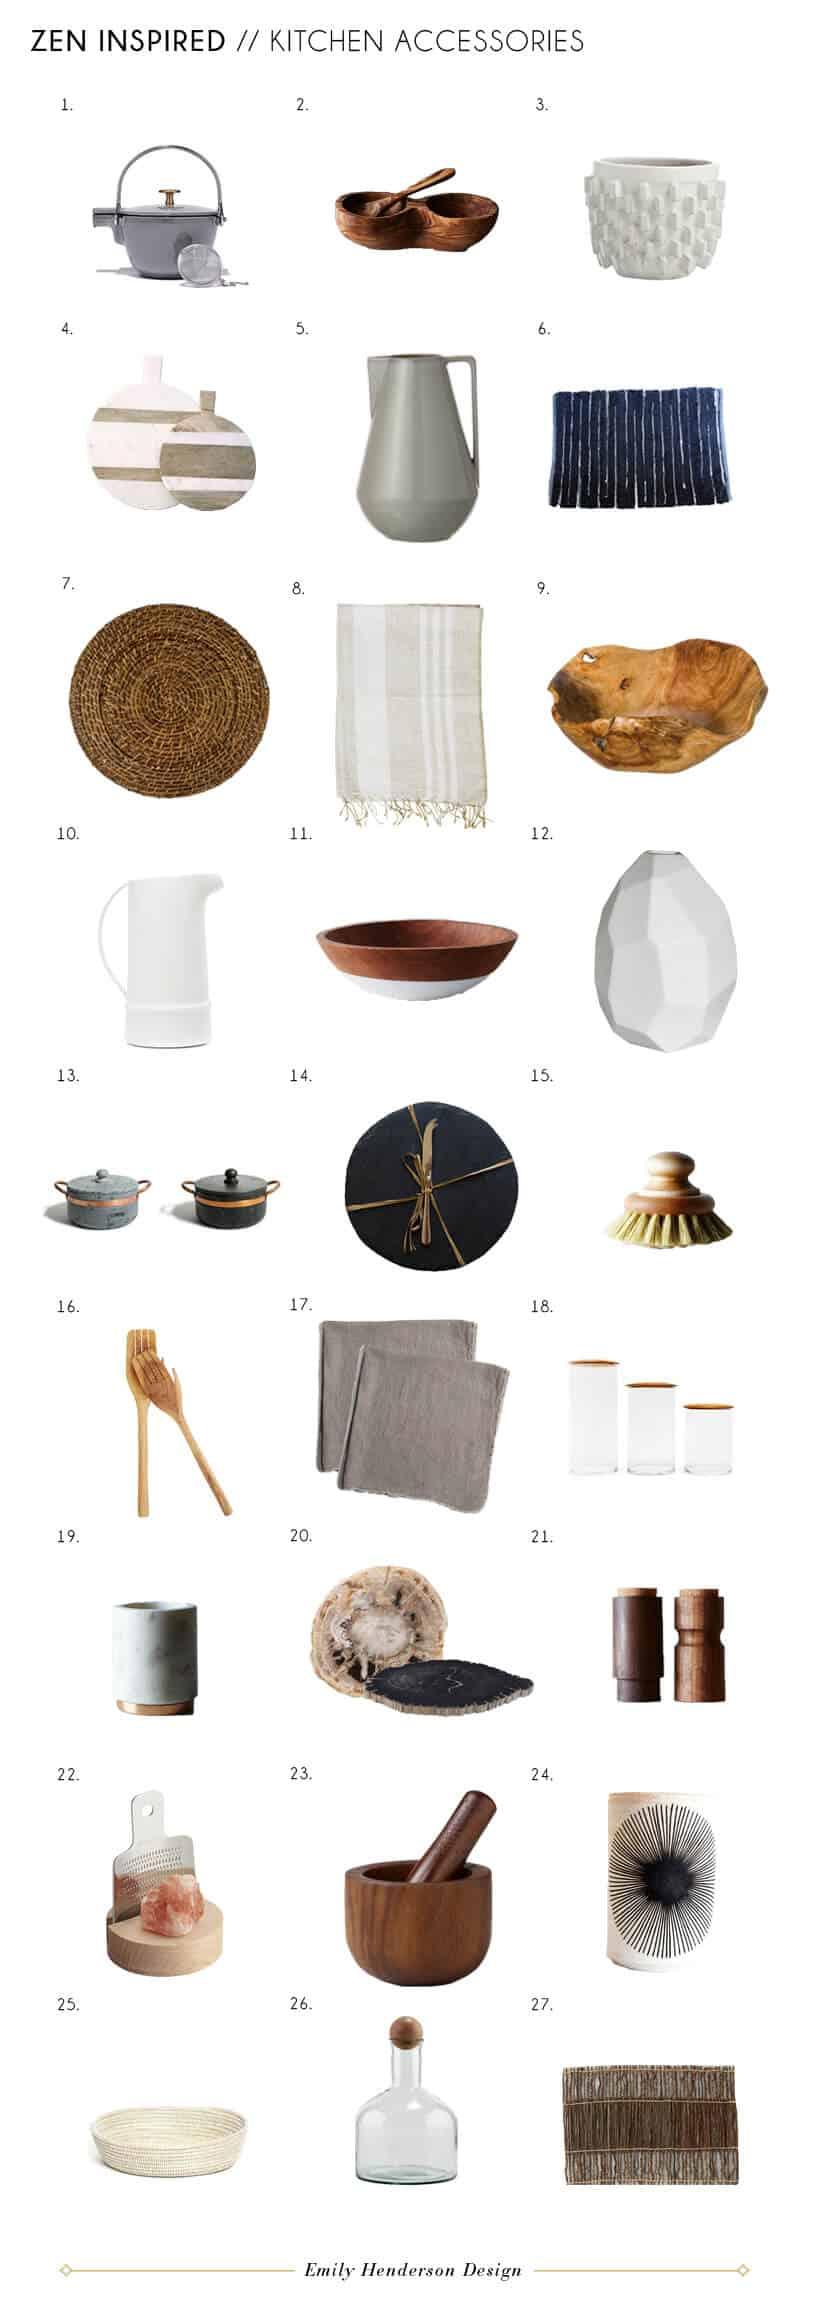 Zen Kitchen Accessories Furniture Minimal Wishbone Chair Indoor Plants Contemporary Modern Kitchen Design Accessories